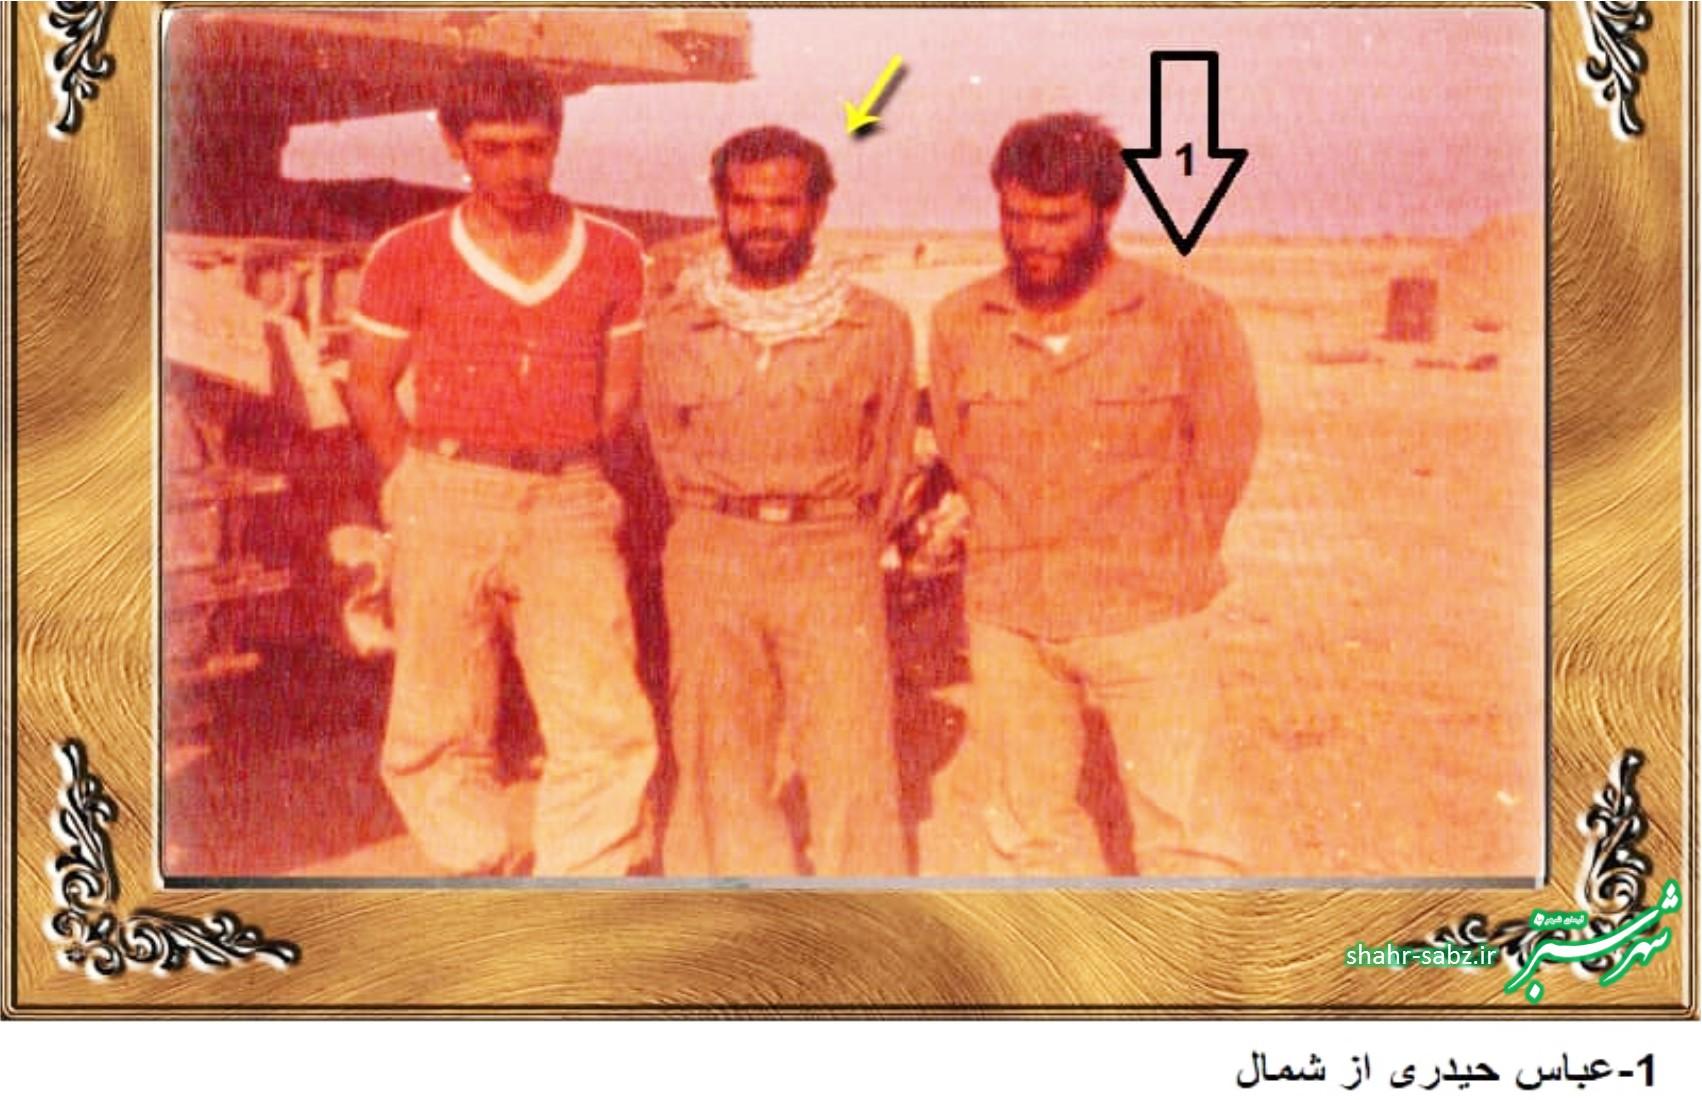 اصغر نوروزی و عباس حیدری